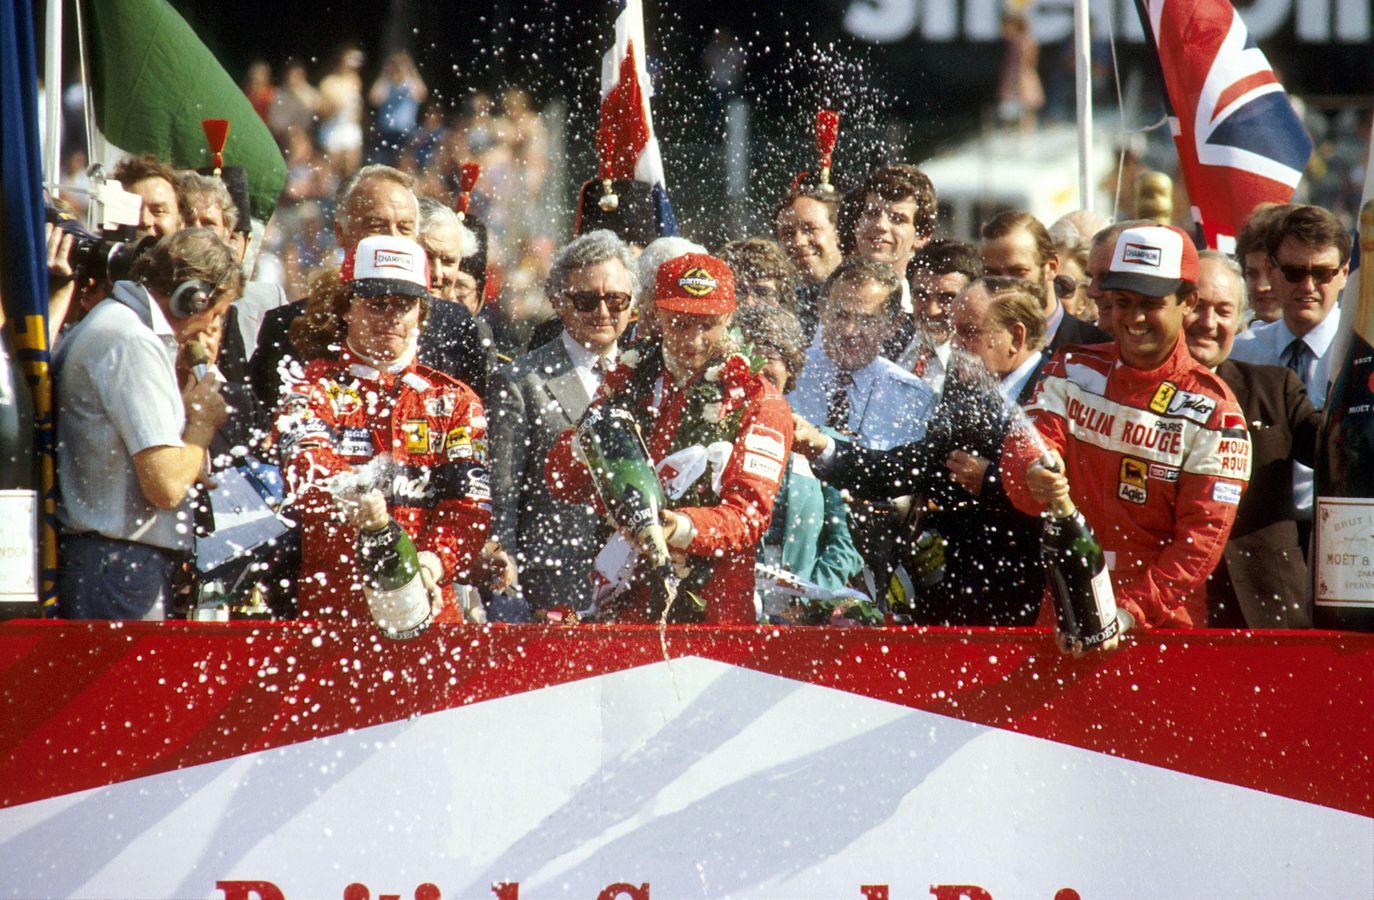 Seierspallen etter Storbritannia GP 1982, med Niki Lauda i McLaren som seierherre, og Ferrari-paret Pironi og Tambay på henholdsvis andre og tredjeplass. Foto: McLaren